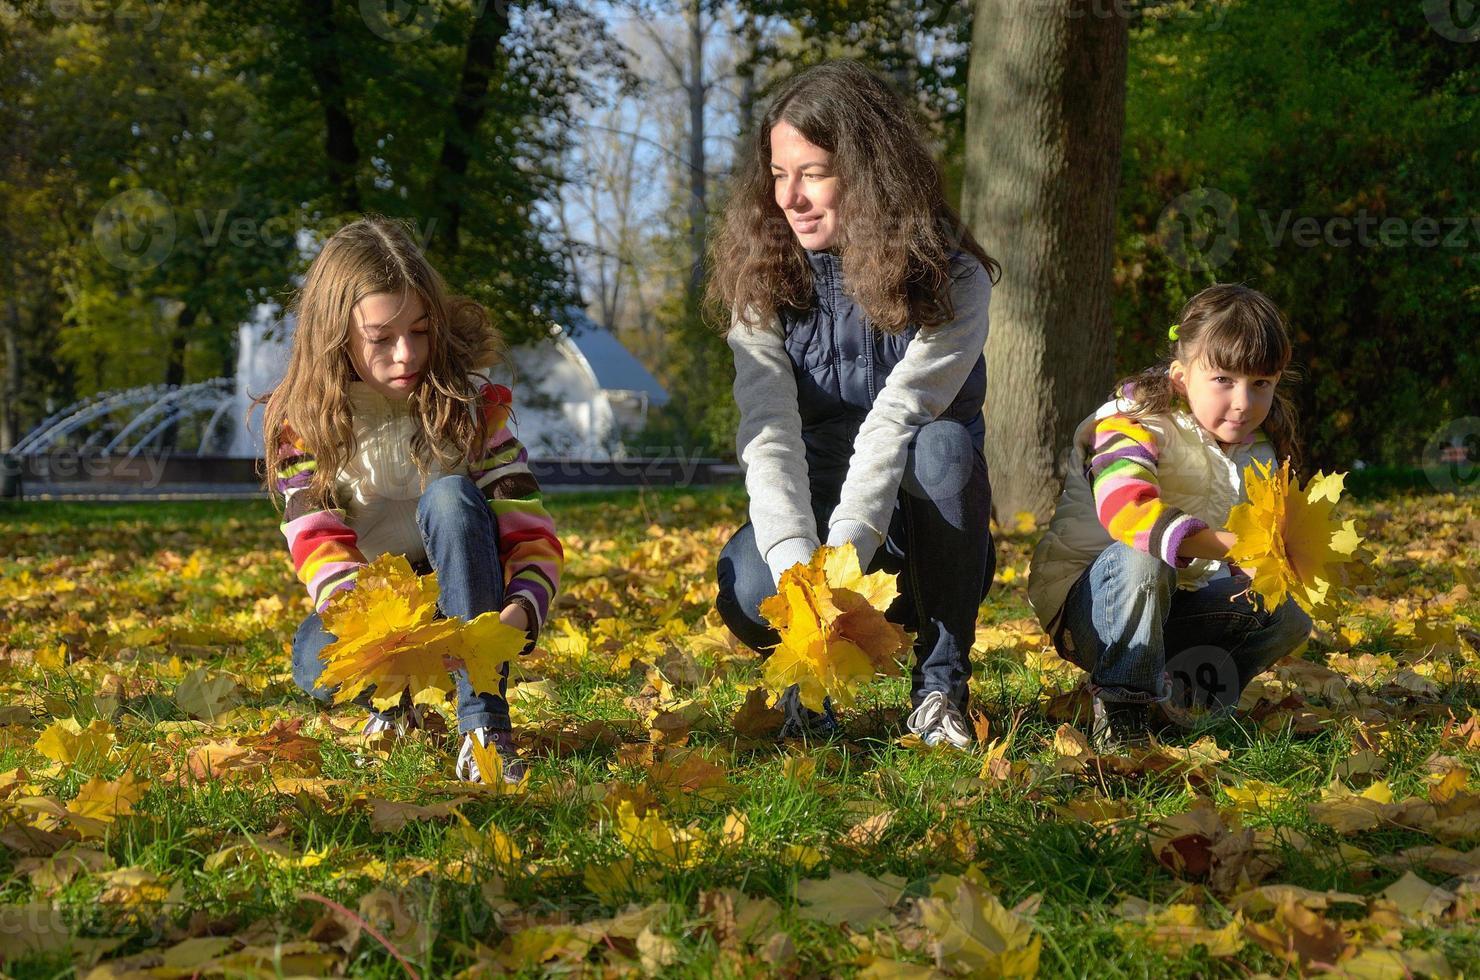 famiglia felice nel parco d'autunno foto